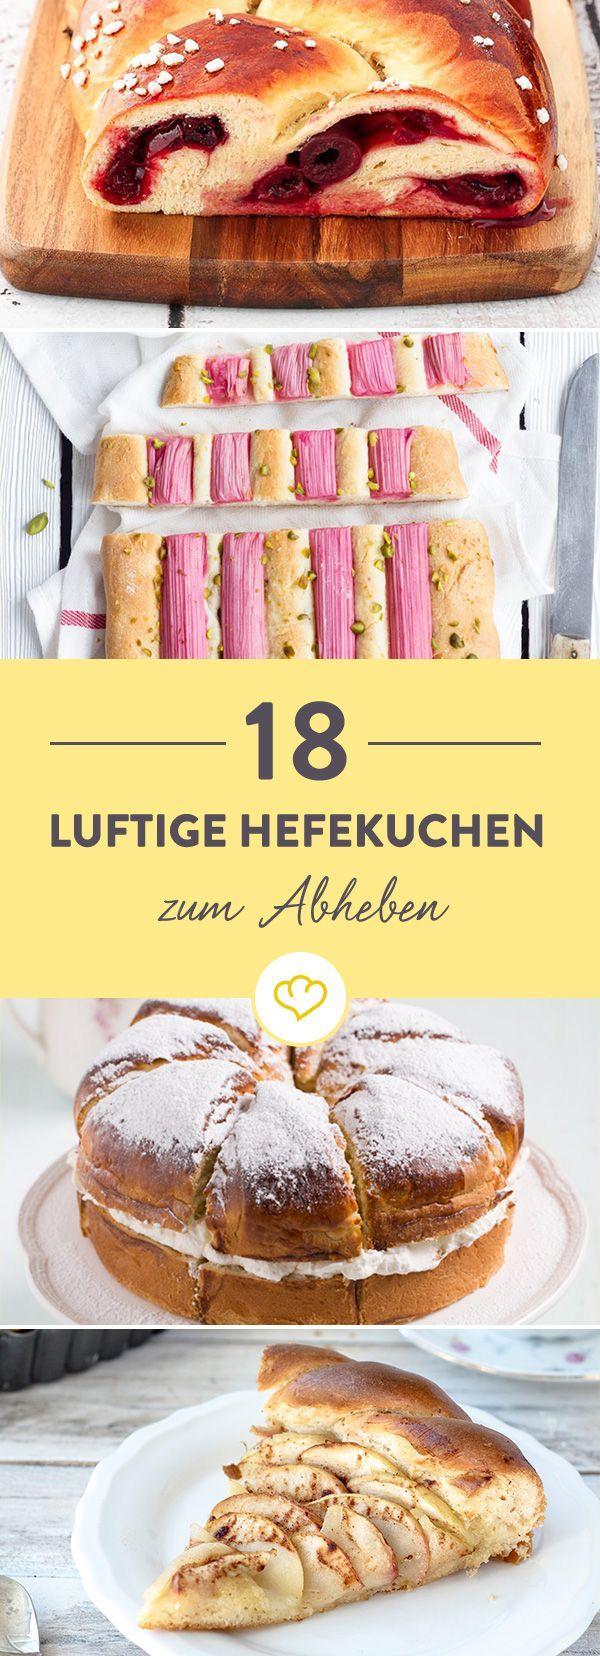 So luftig, so fluffig, so lecker - Hefekuchen hebt uns auf Wolke 7. Ob als Apfelkuchen, Kirschzopf oder Zwetschgendatschi. Komm mit in den Kuchenhimmel!